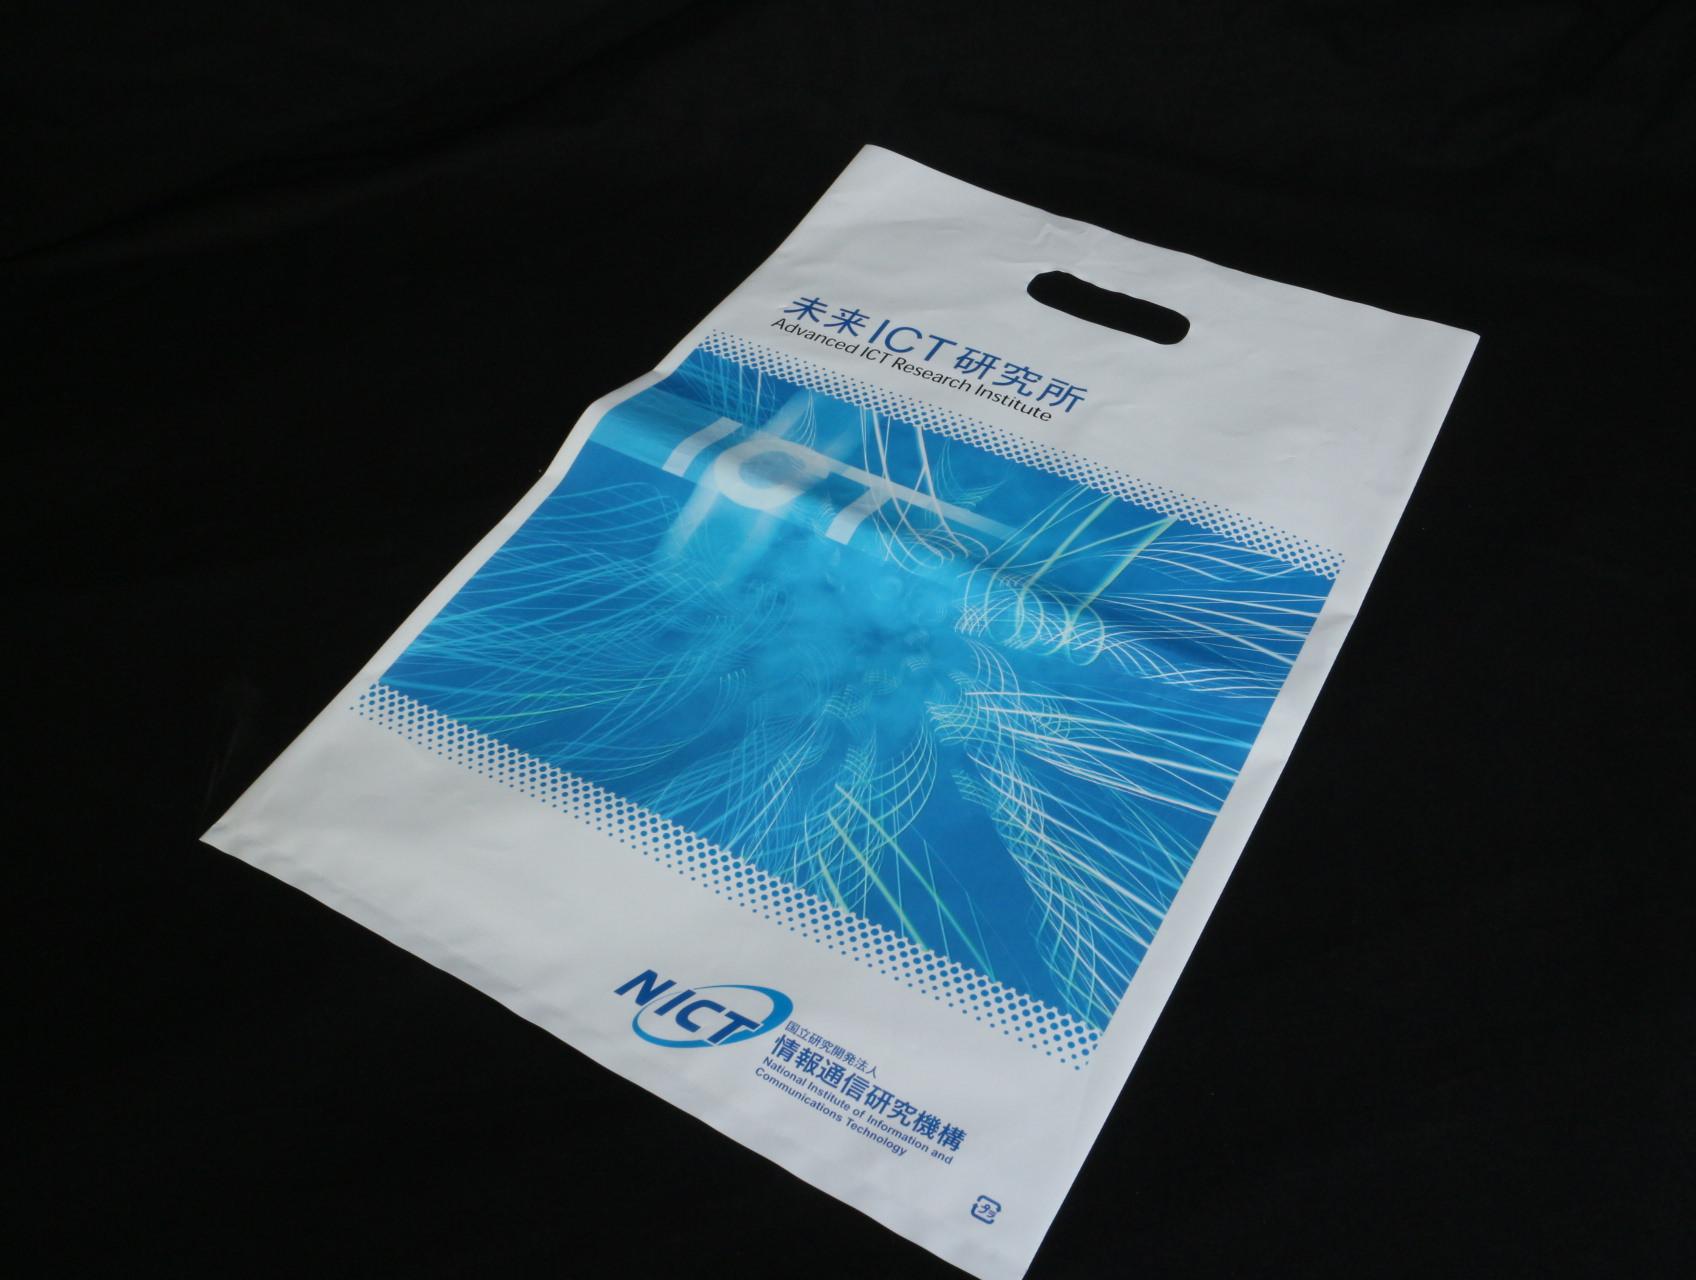 情報通信分野を専門に研究されている研究所様のイベント用ポリ袋